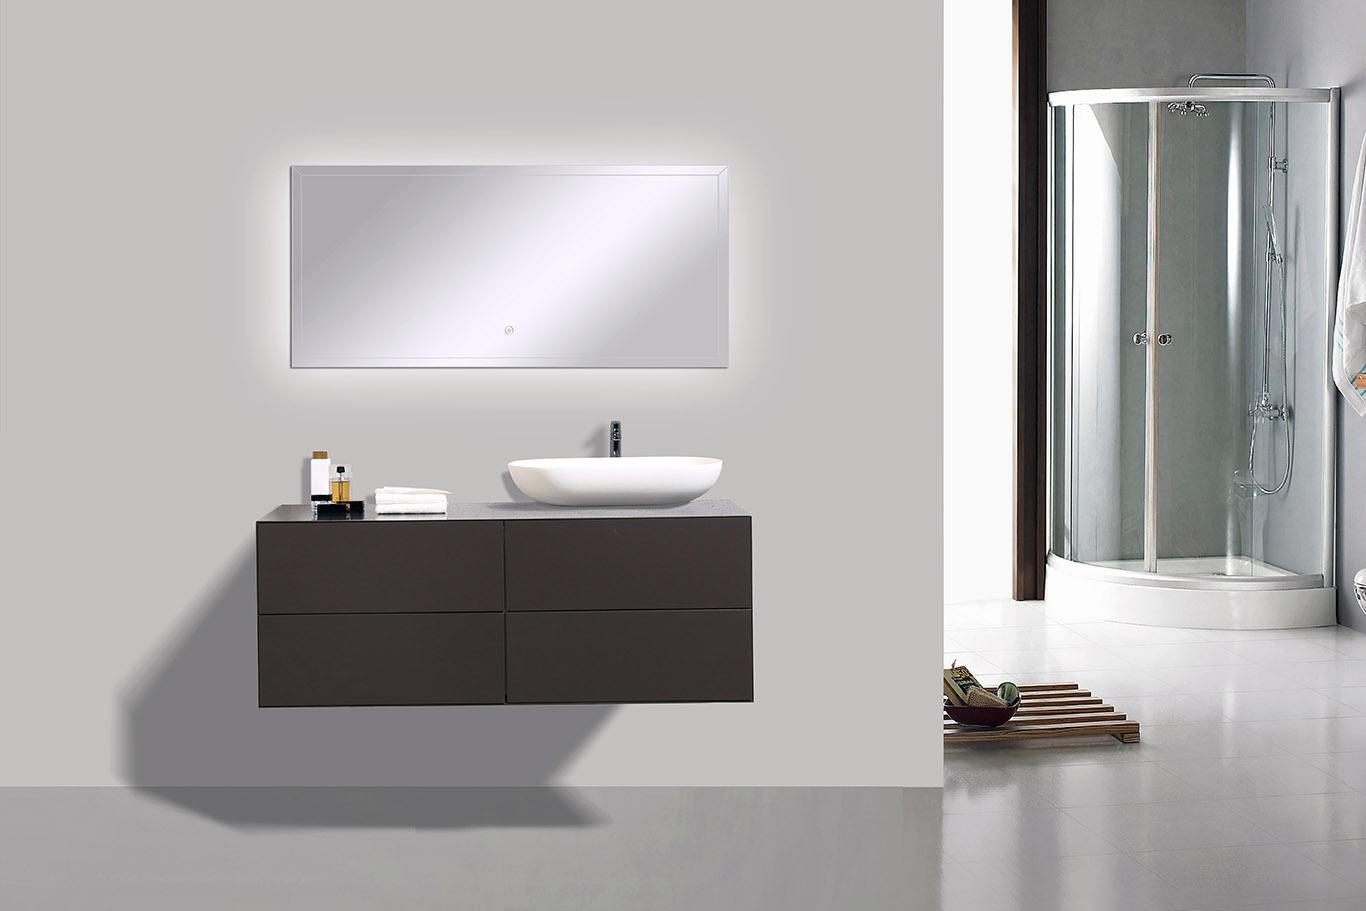 Mobili da bagno 120 cm bianco led specchio bacino sottopensile